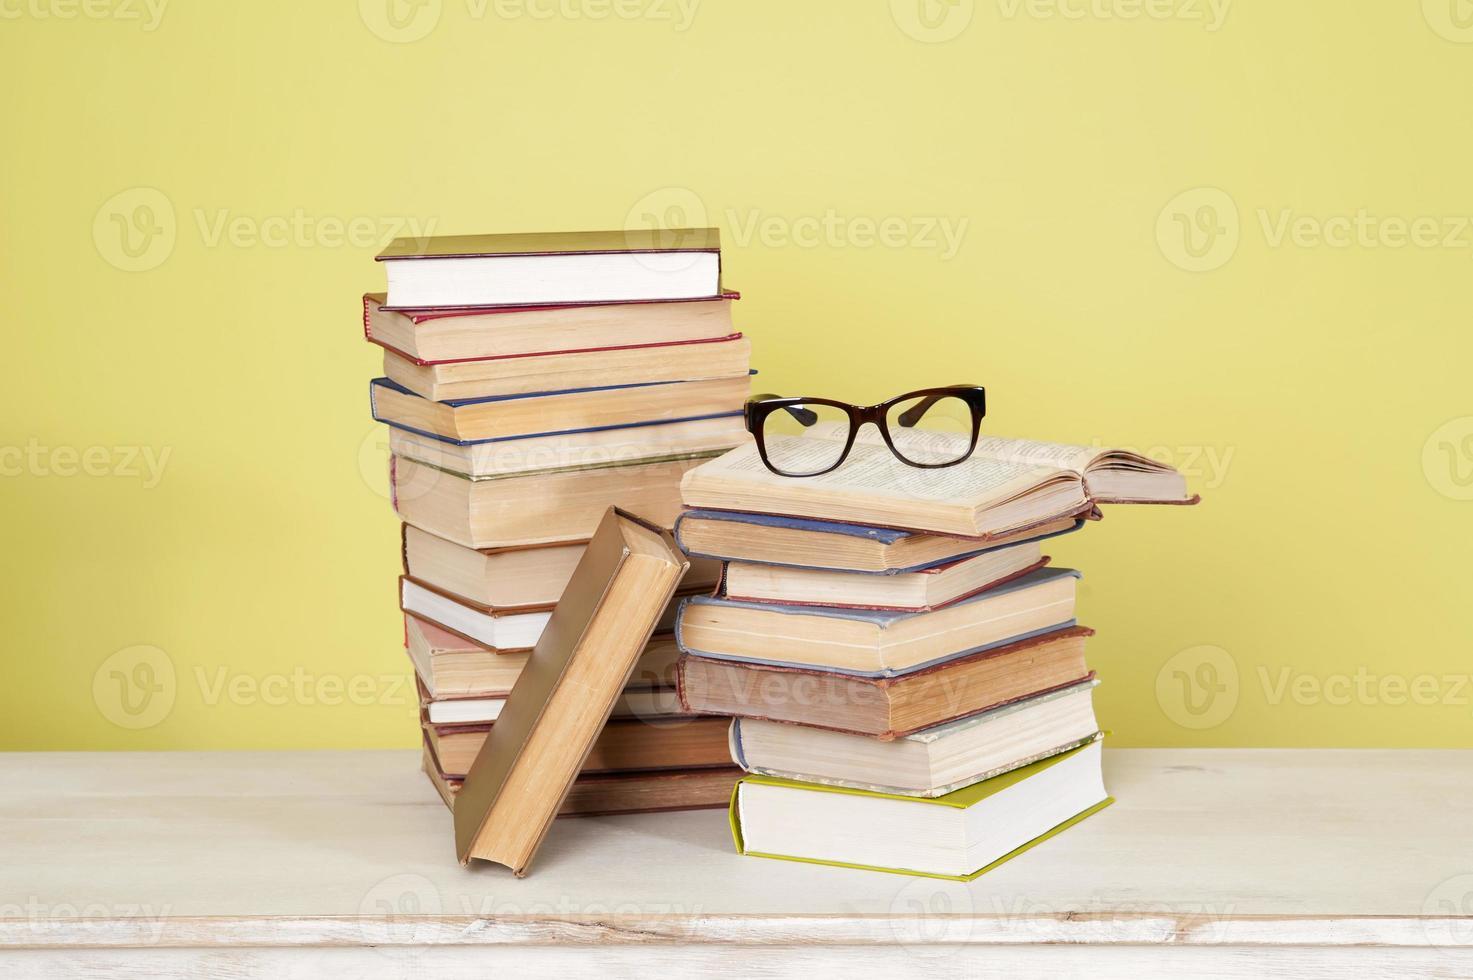 Stapel Bücher und Gläser auf einem Holztisch .. foto